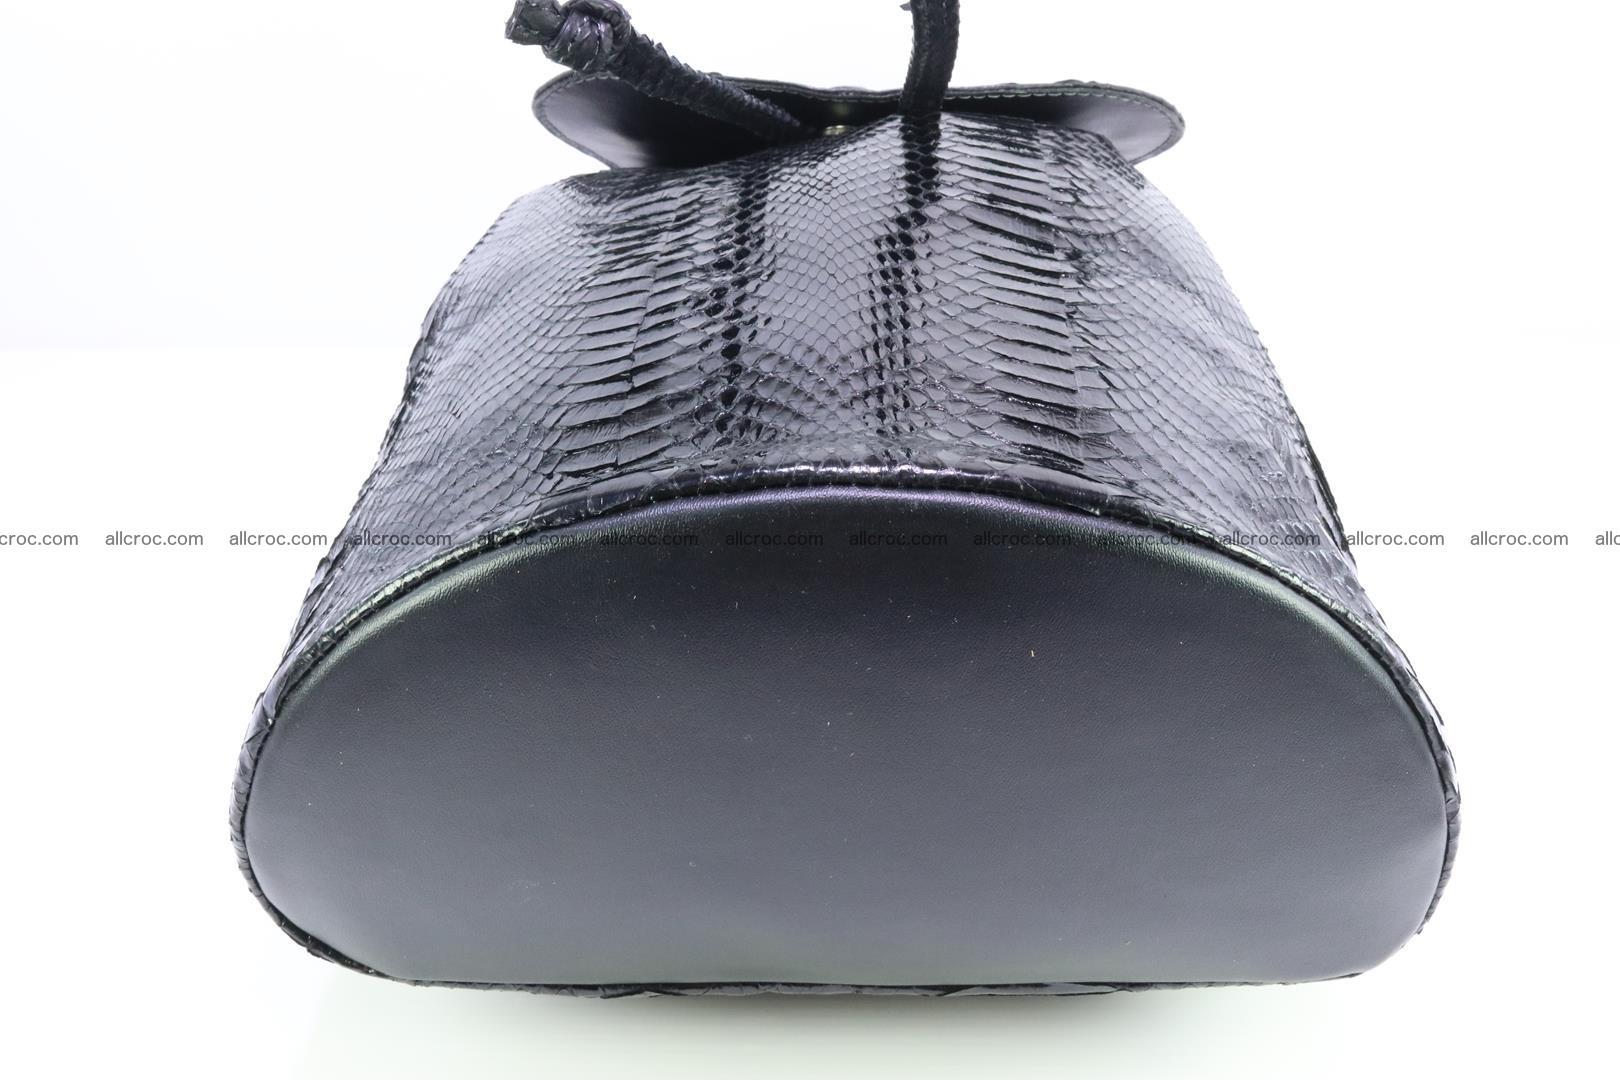 Cobra skin backpack with head of cobra 417 Foto 8